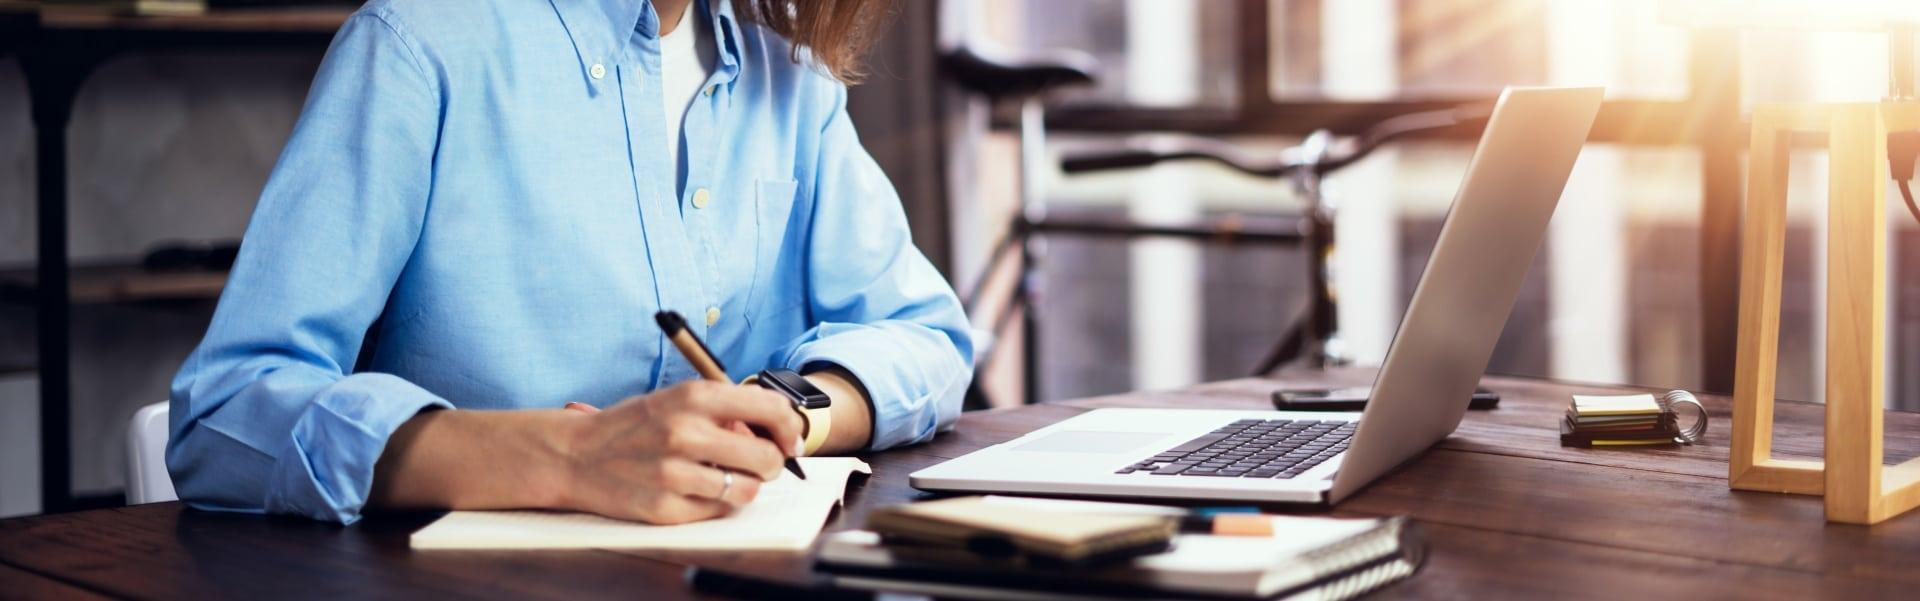 Copywriting Tips for Advisors